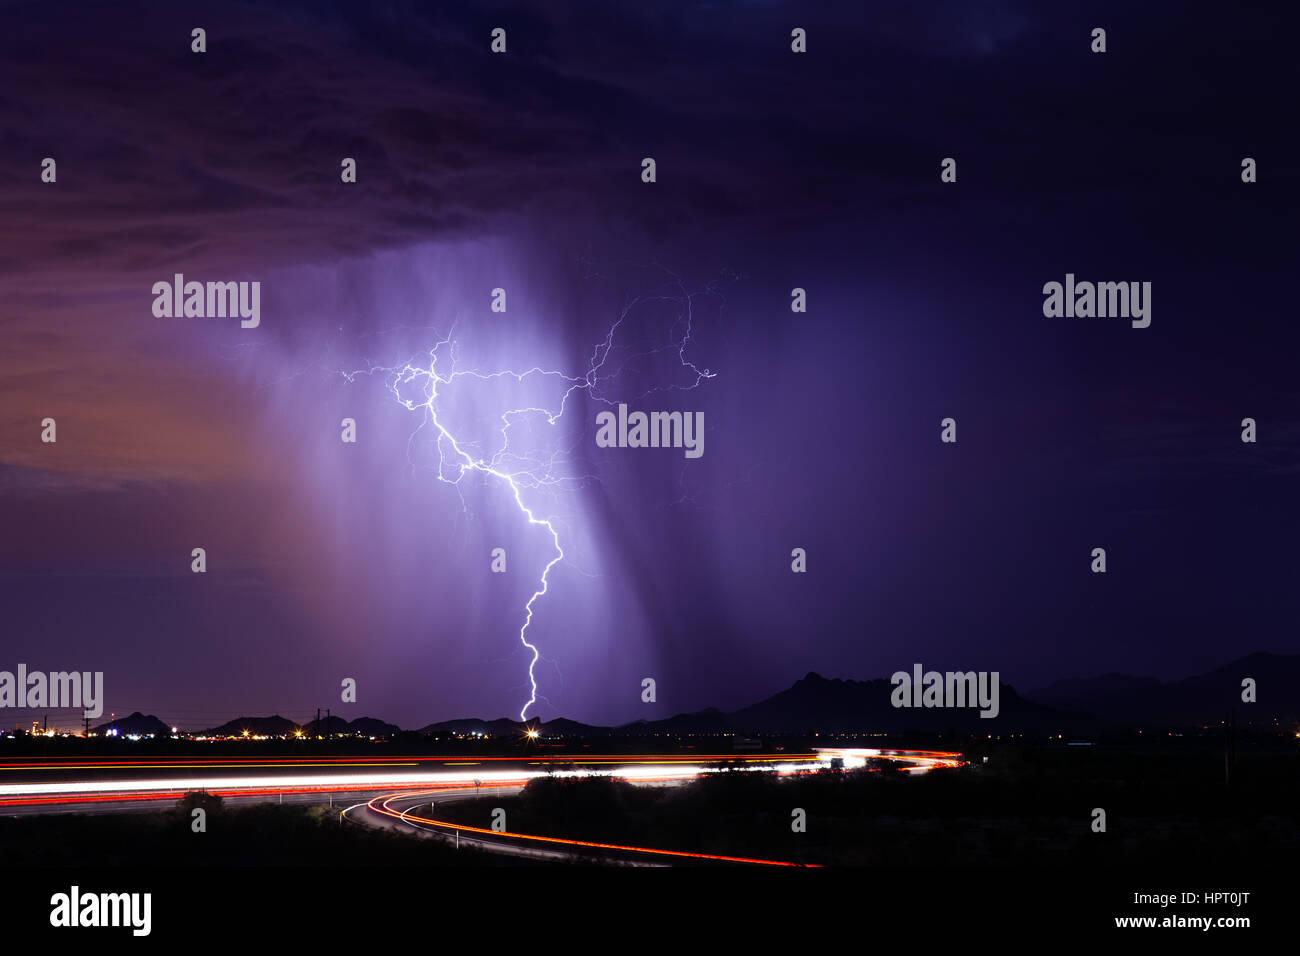 thunderstorm with lightning over tucson arizona stock photo